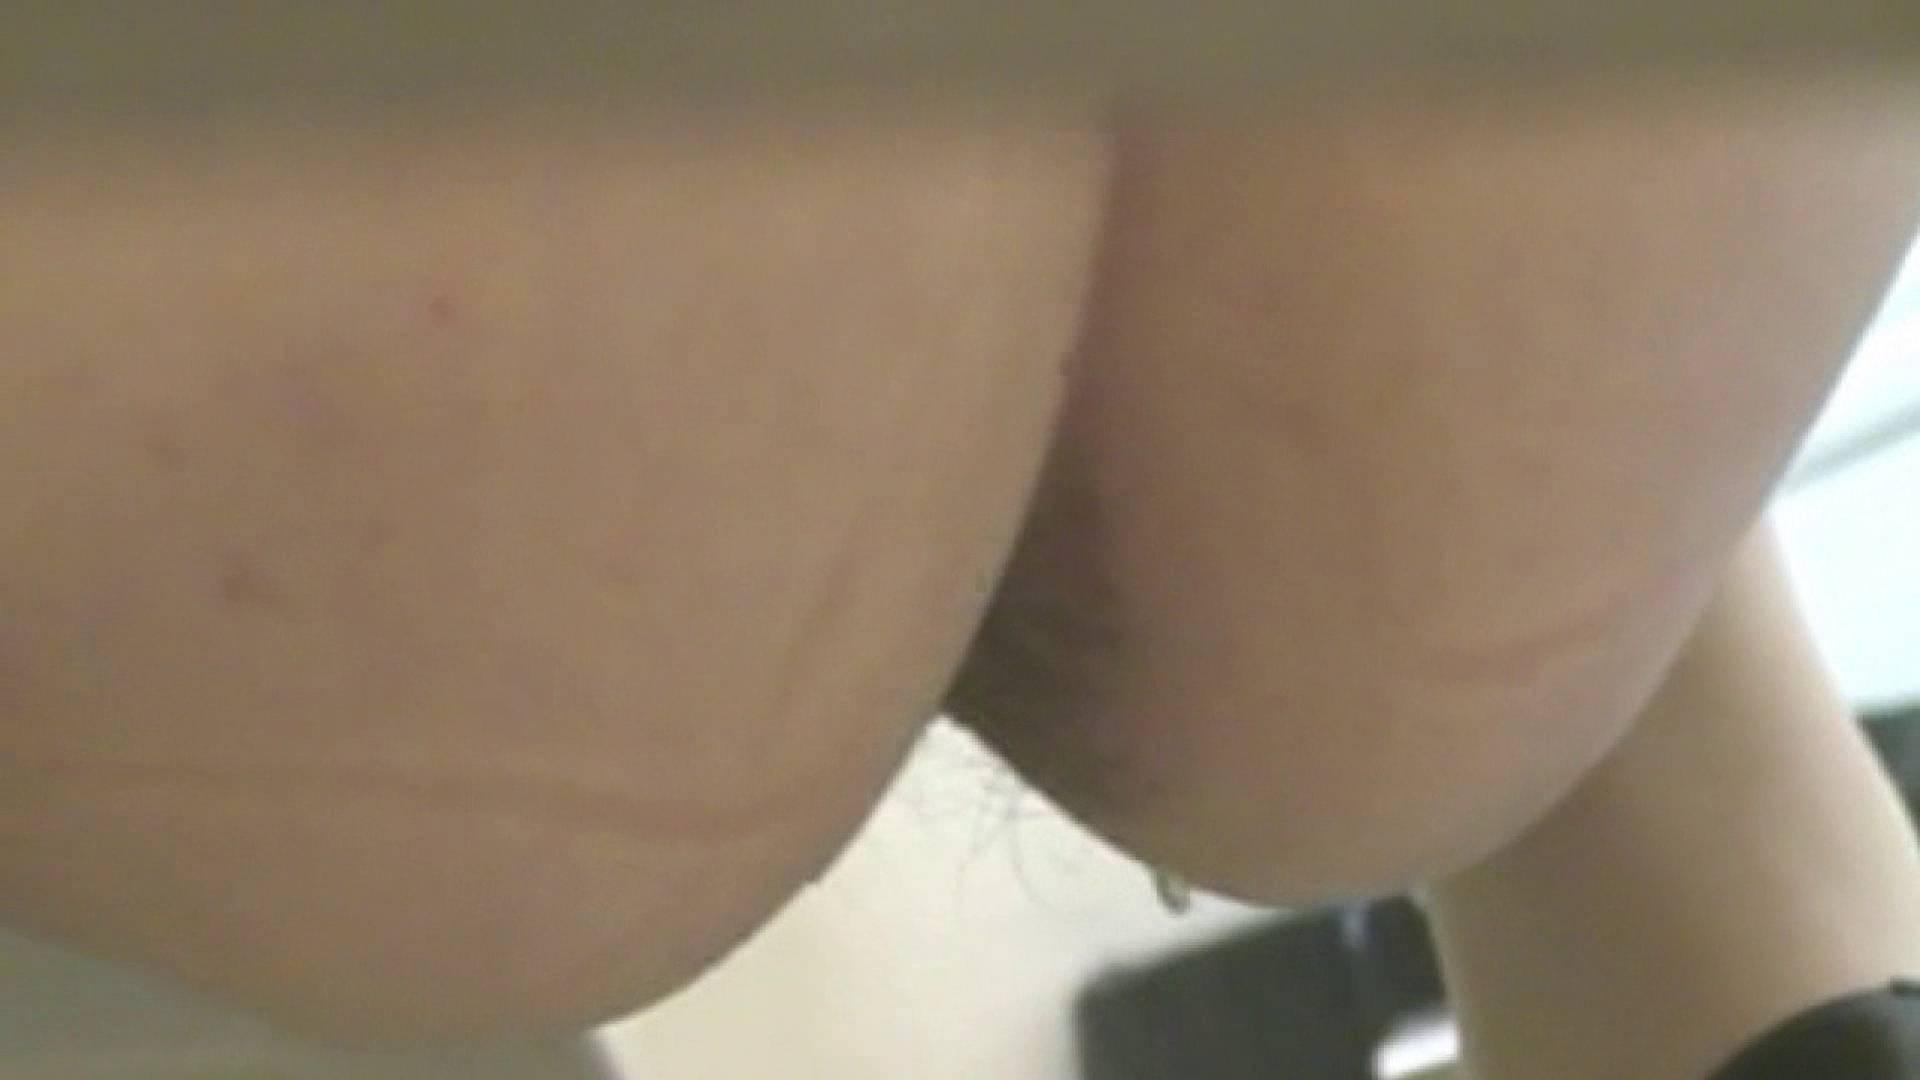 ロックハンドさんの盗撮記録File.50 厠・・・ すけべAV動画紹介 107PIX 44